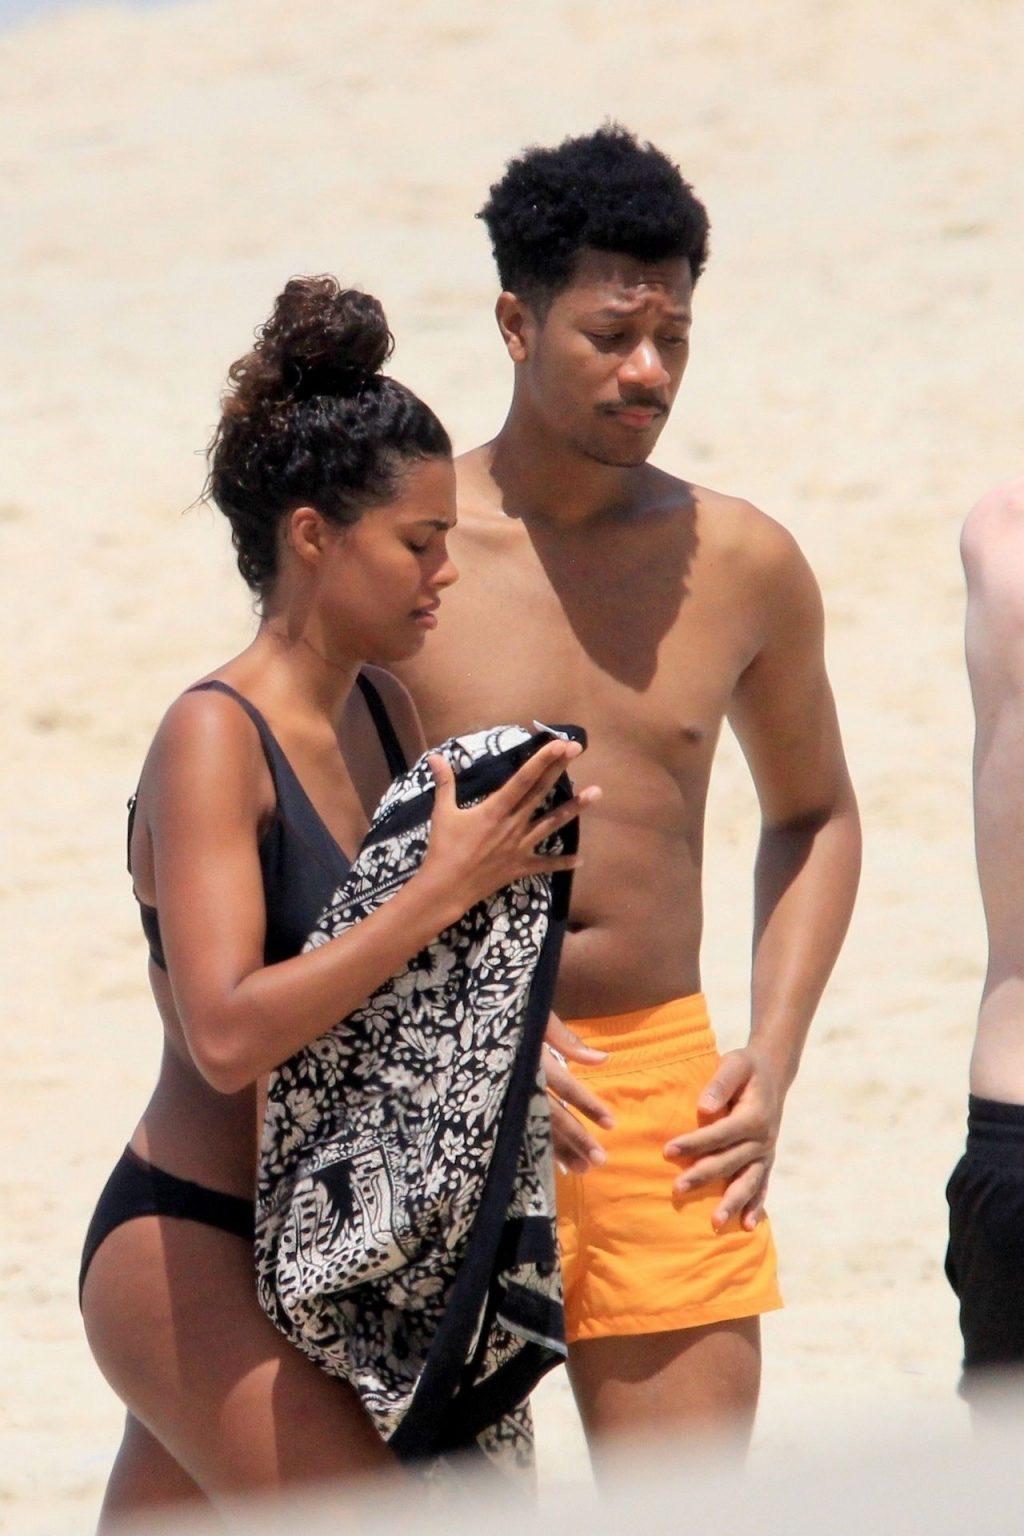 Tina Kunakey Enjoys the Rio Sunshine in a Sexy Black Bikini (27 Photos)